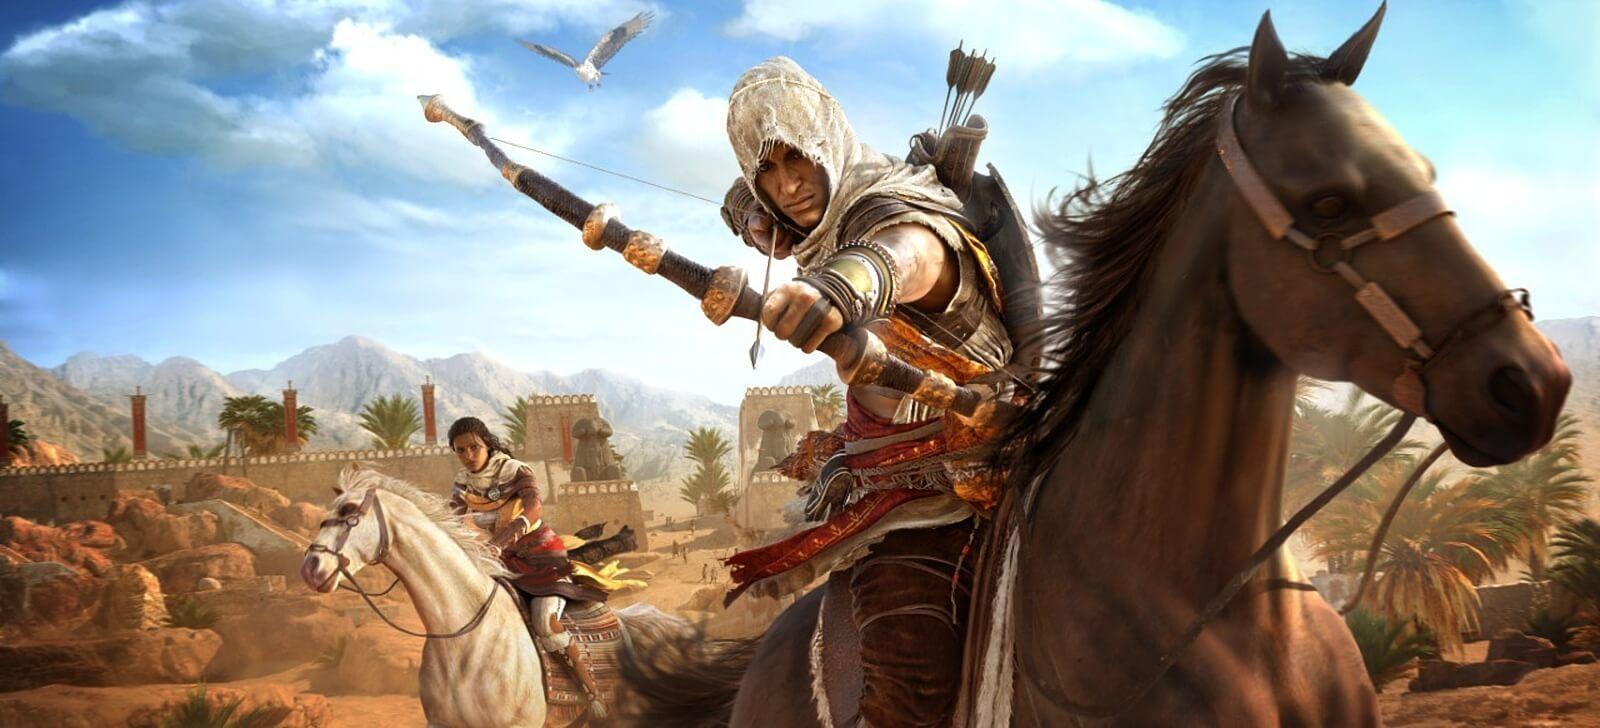 فێركاری چۆنیهتی داگرتنی یاری Assassin's Creed: Origins بۆ كۆمپیوتهر لهڕێگهی تۆرینێت